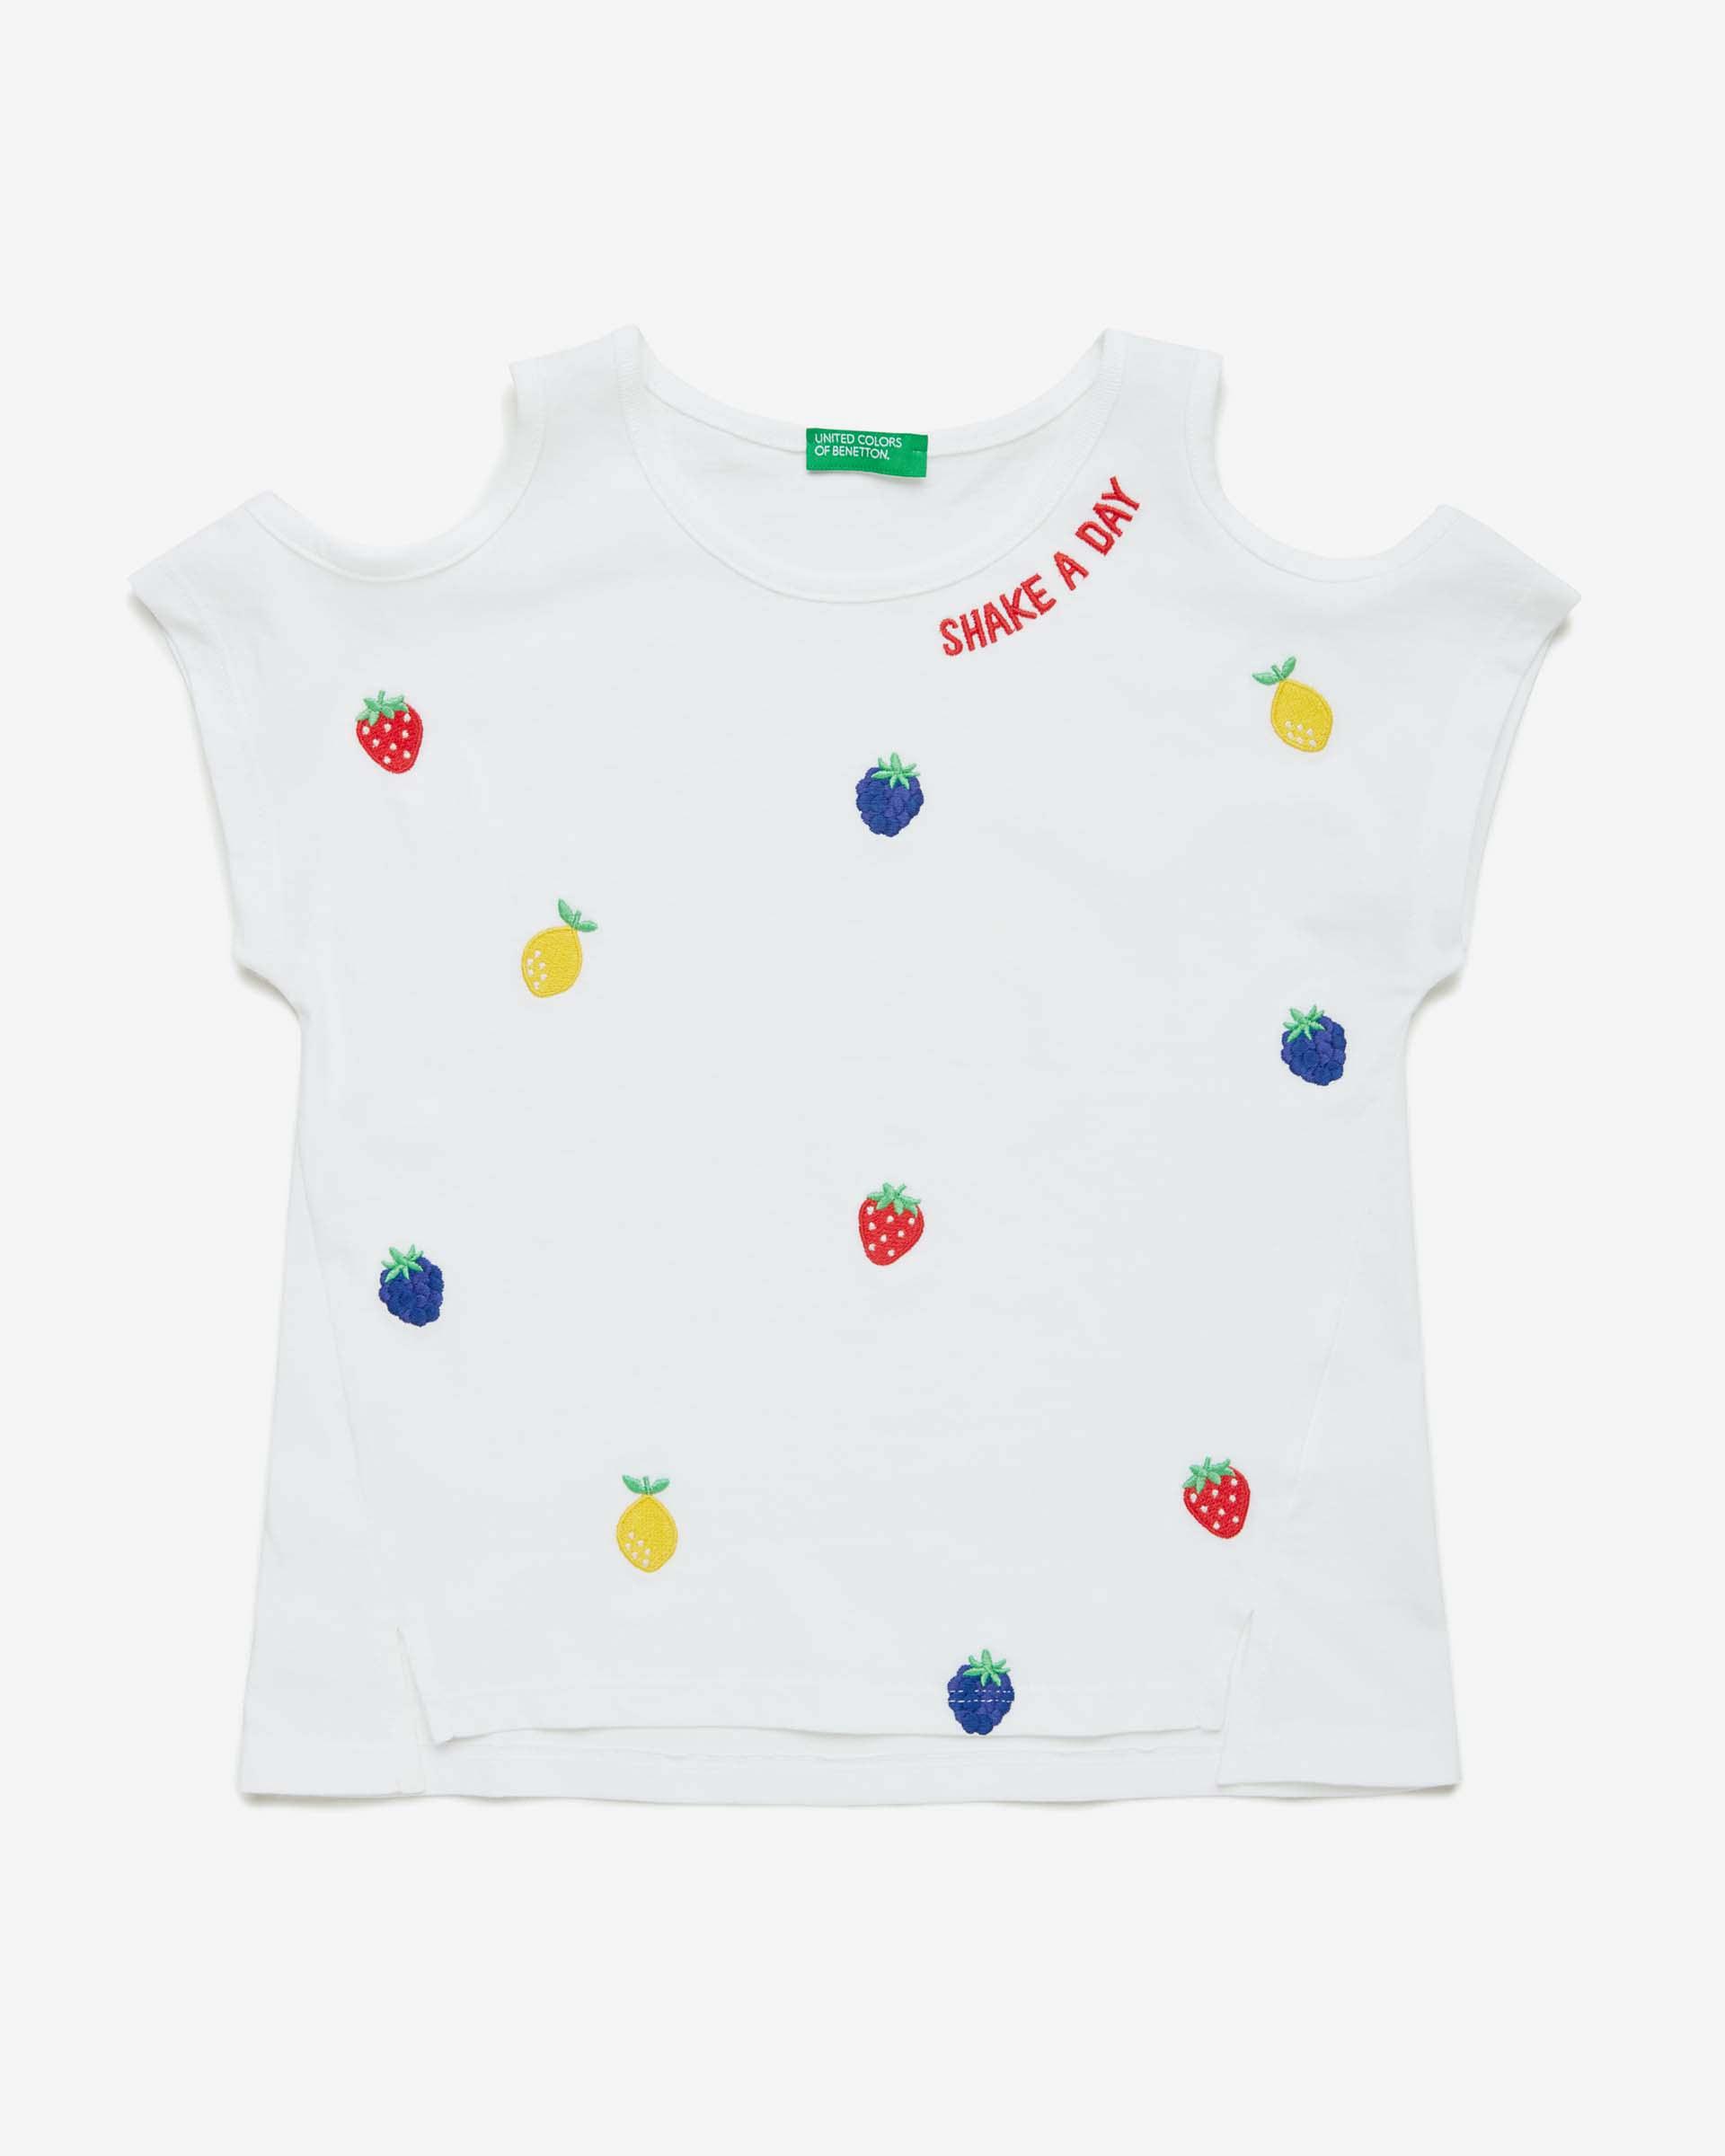 Купить 20P_3096C14LY_101, Футболка для девочек Benetton 3096C14LY_101 р-р 92, United Colors of Benetton, Кофточки, футболки для новорожденных